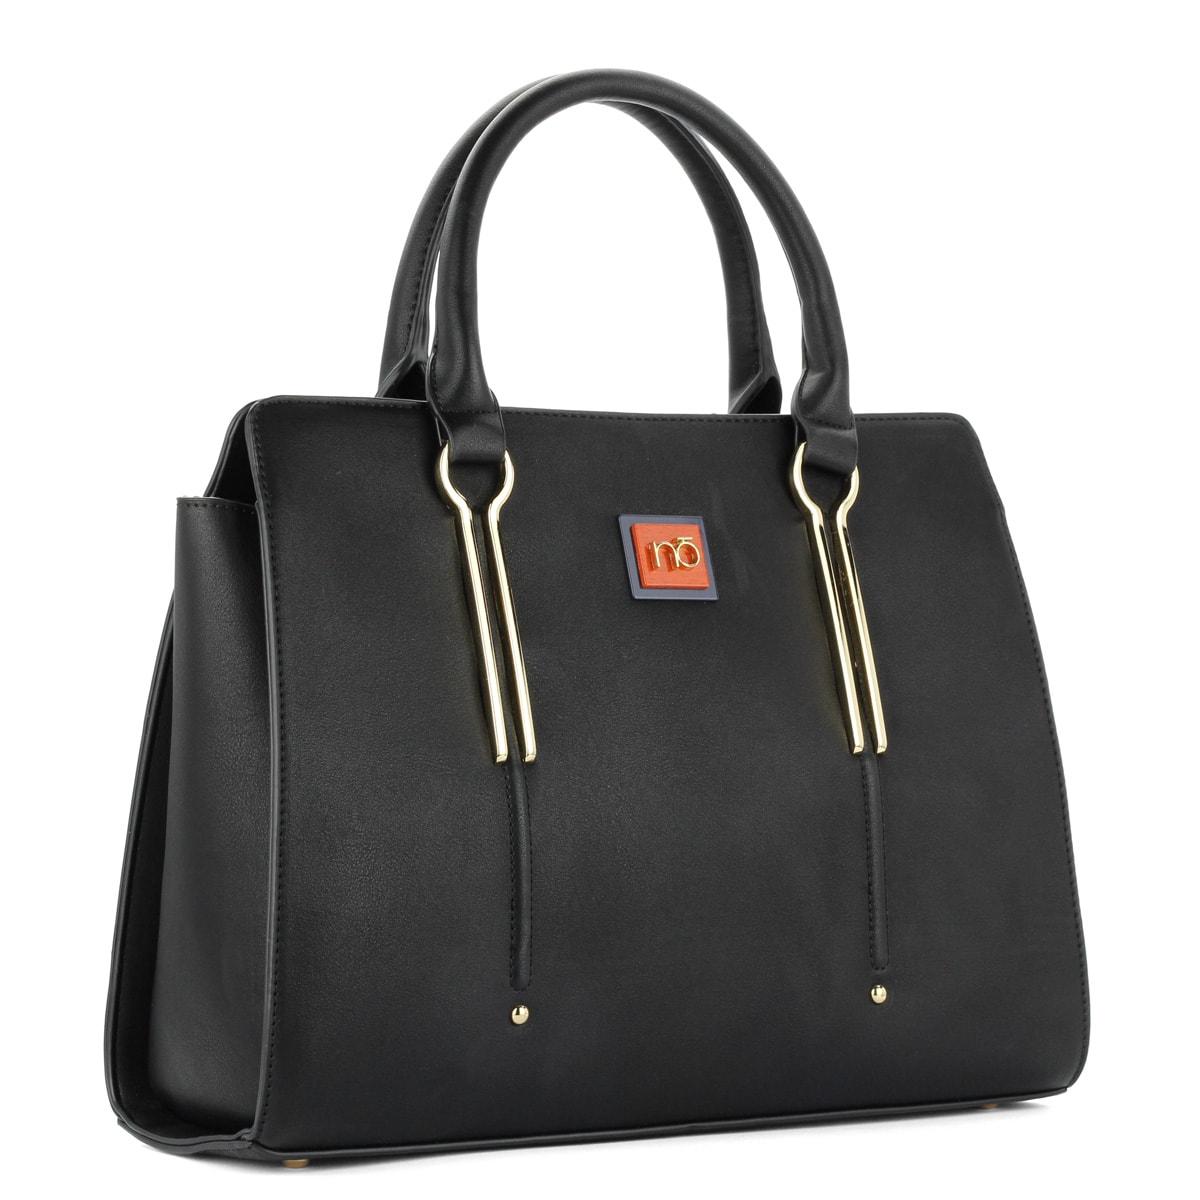 Fekete Nobo női táska osztás nélküli nagy belső térrel 408fdf6c1a